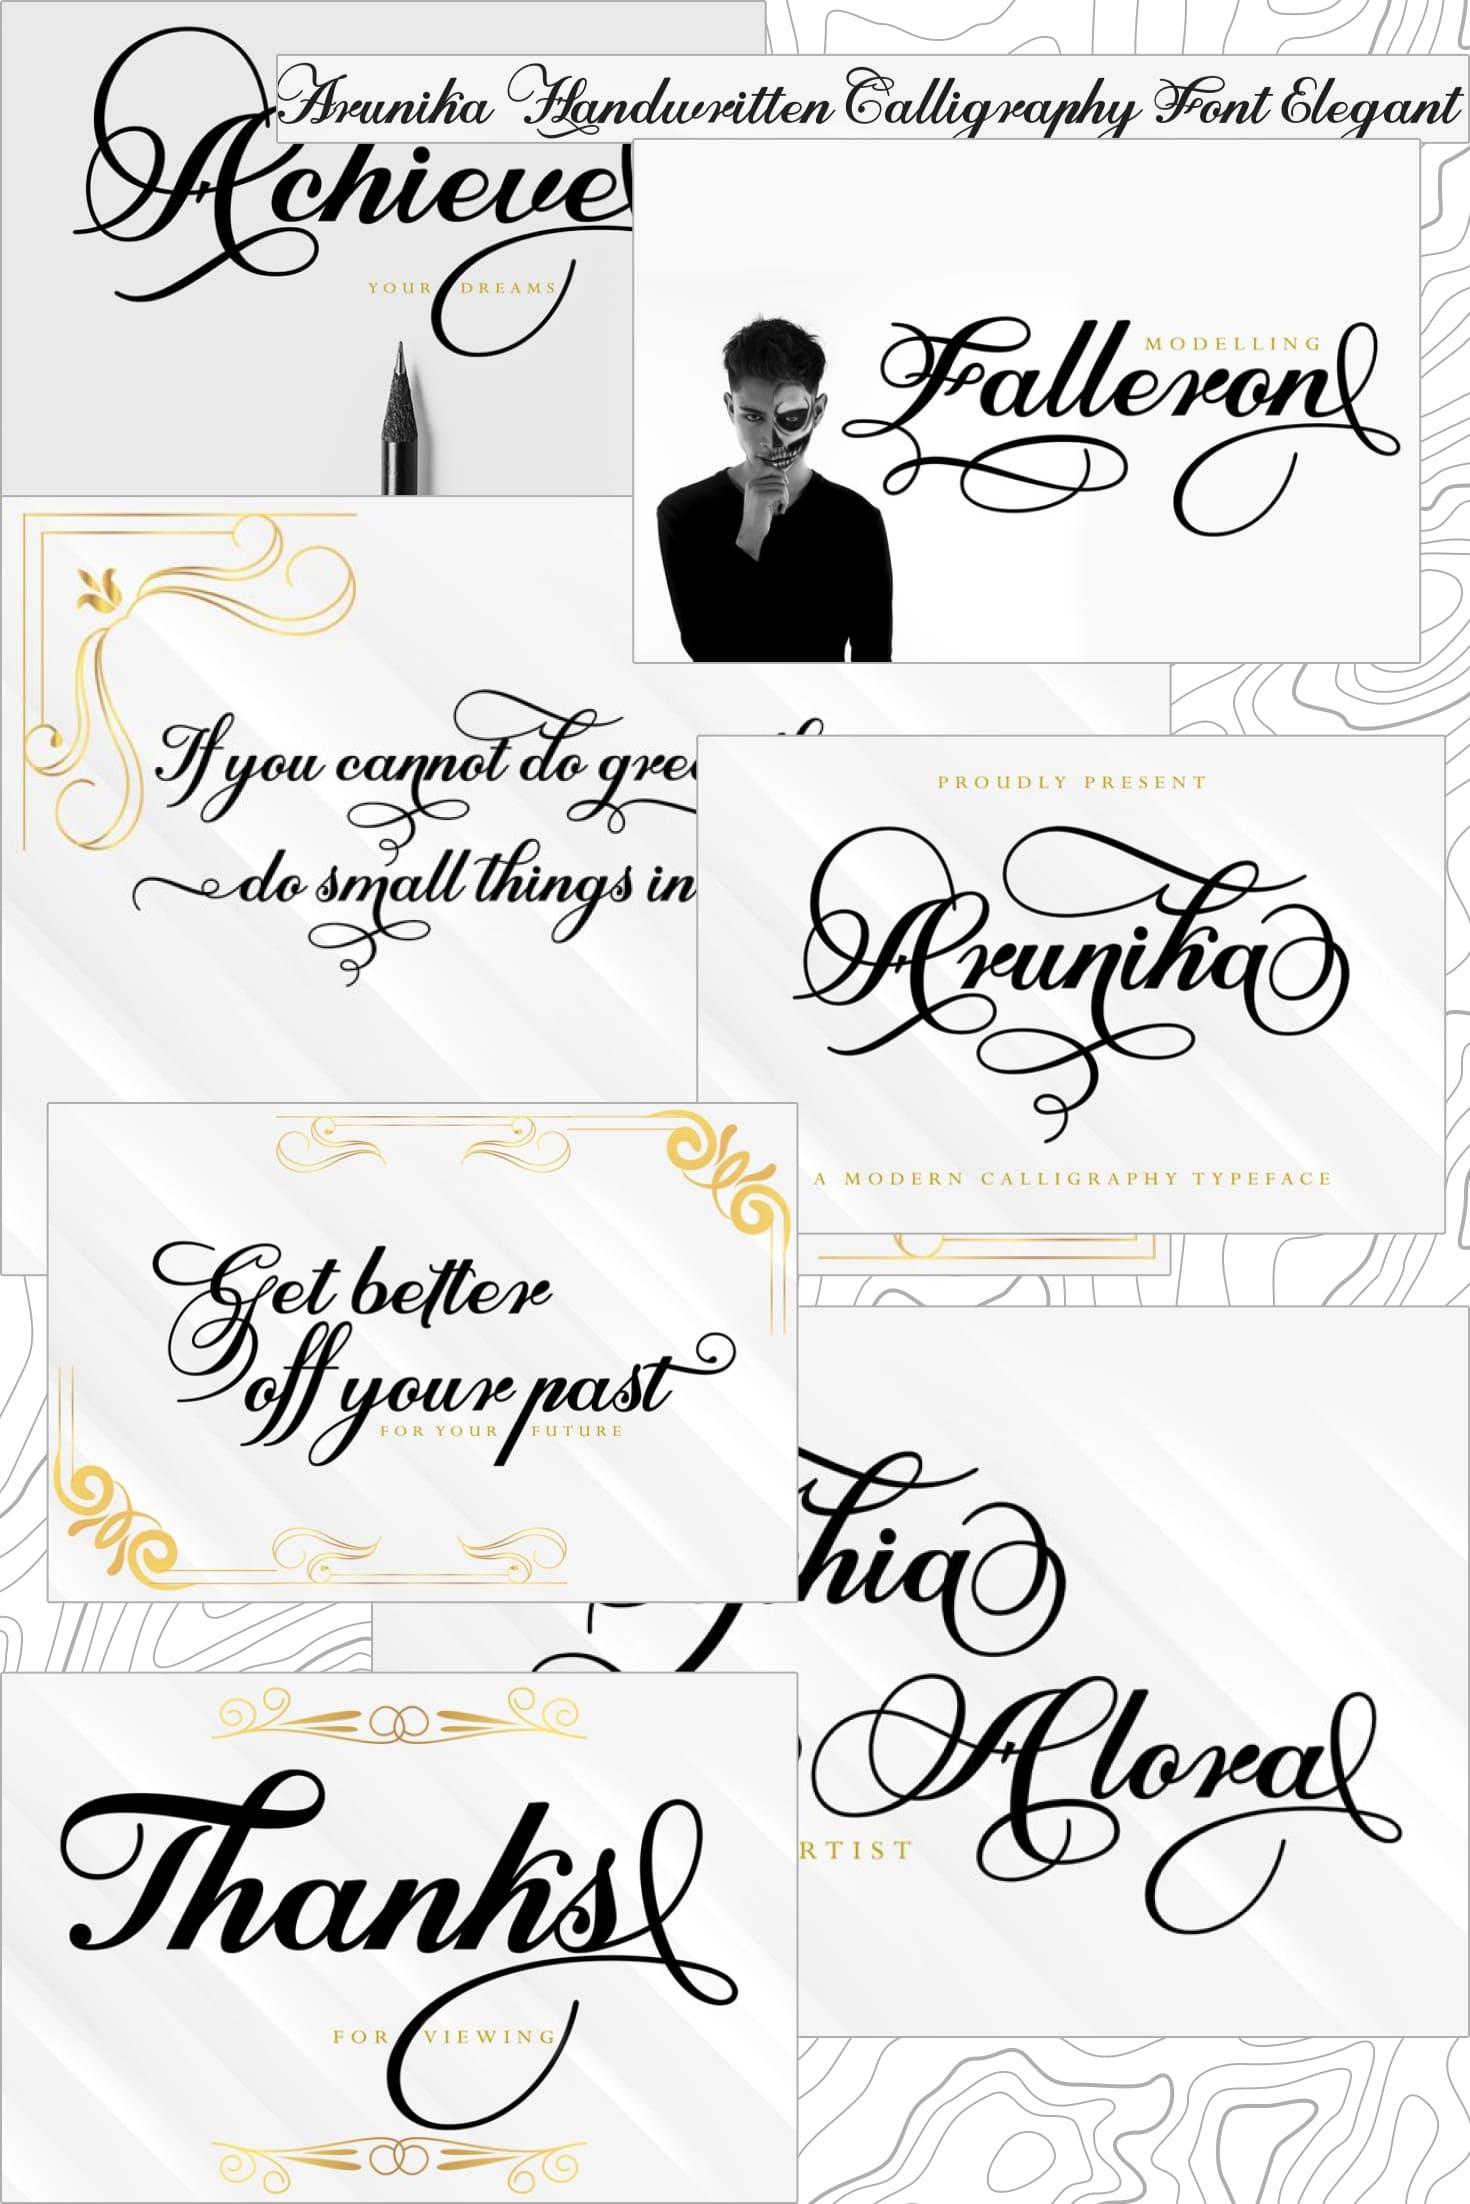 Pinterest Image: Arunika Handwritten Calligraphy Font Elegant.